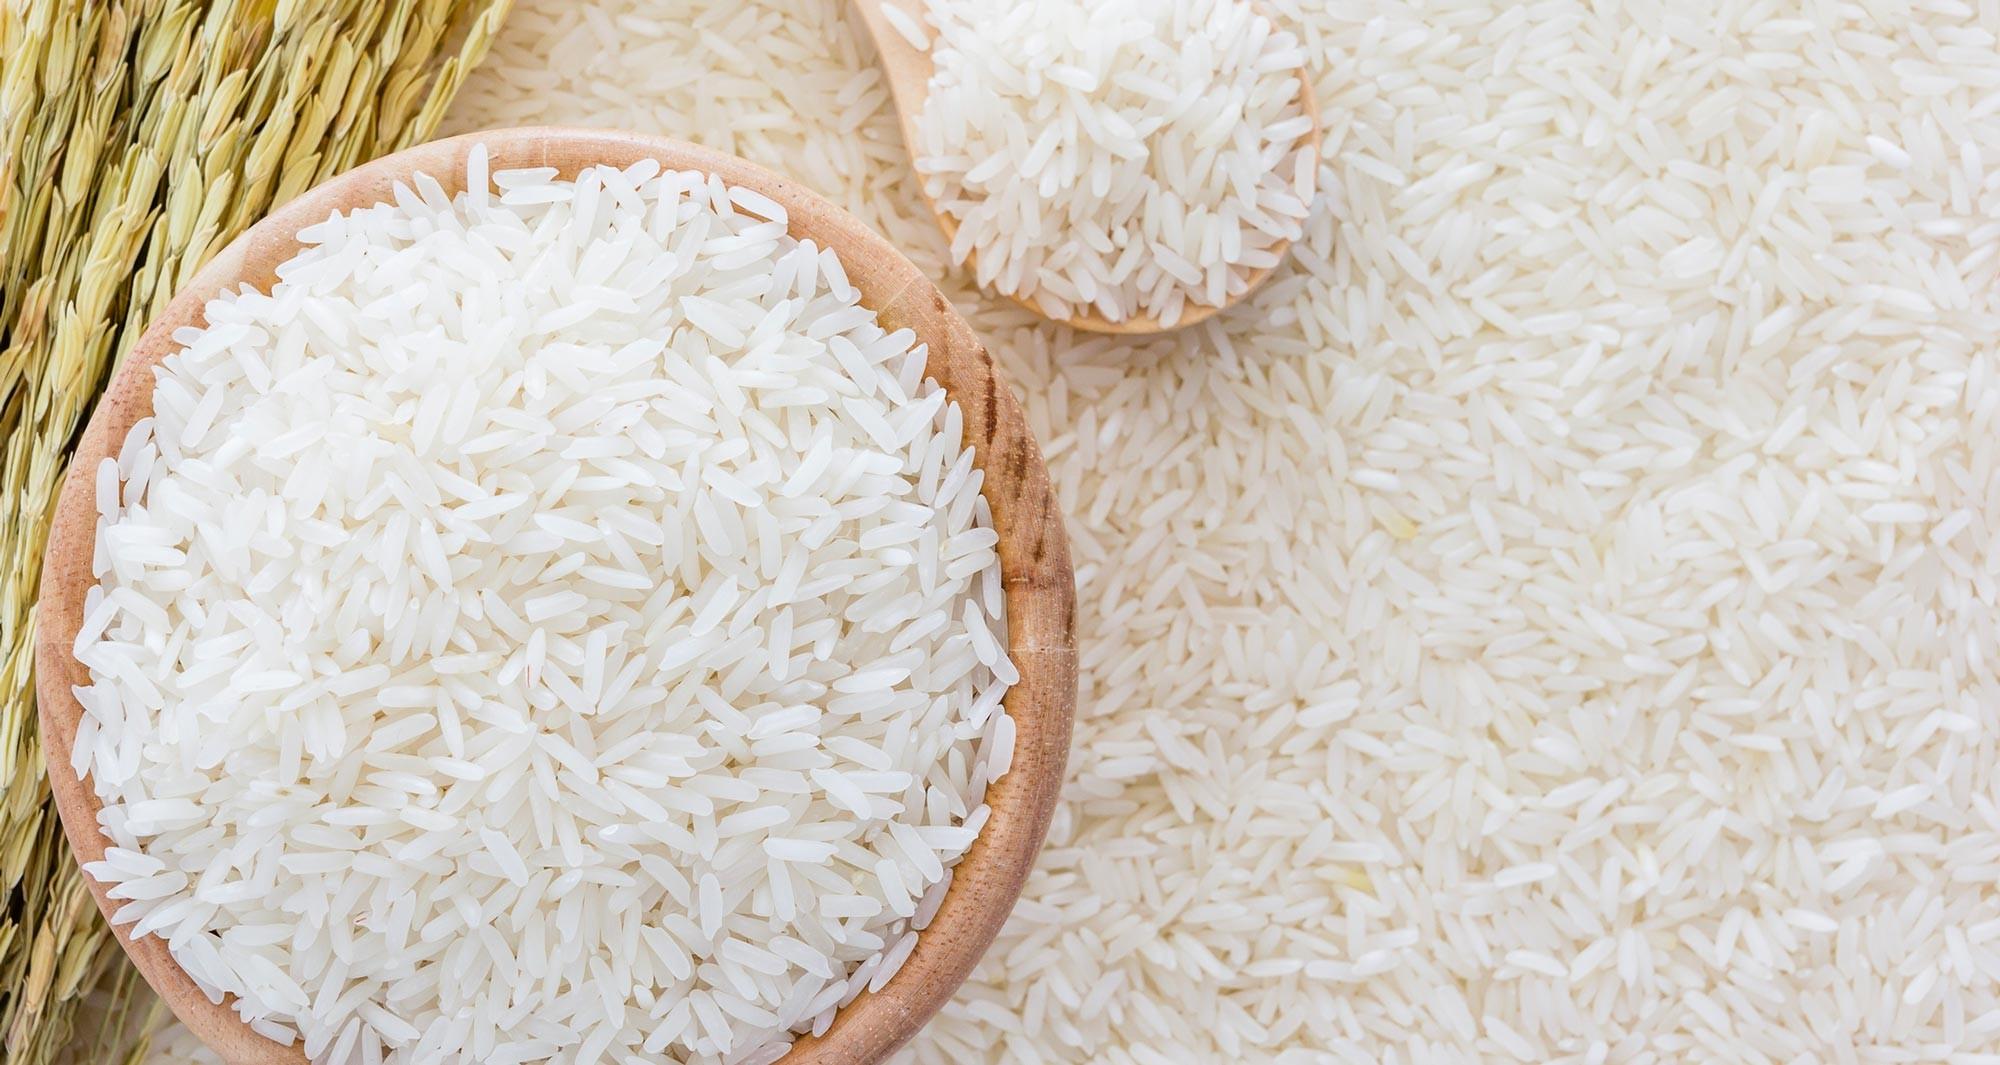 أسعار الأرز في الأسواق اليوم 3-10-2019 - جريدة المال